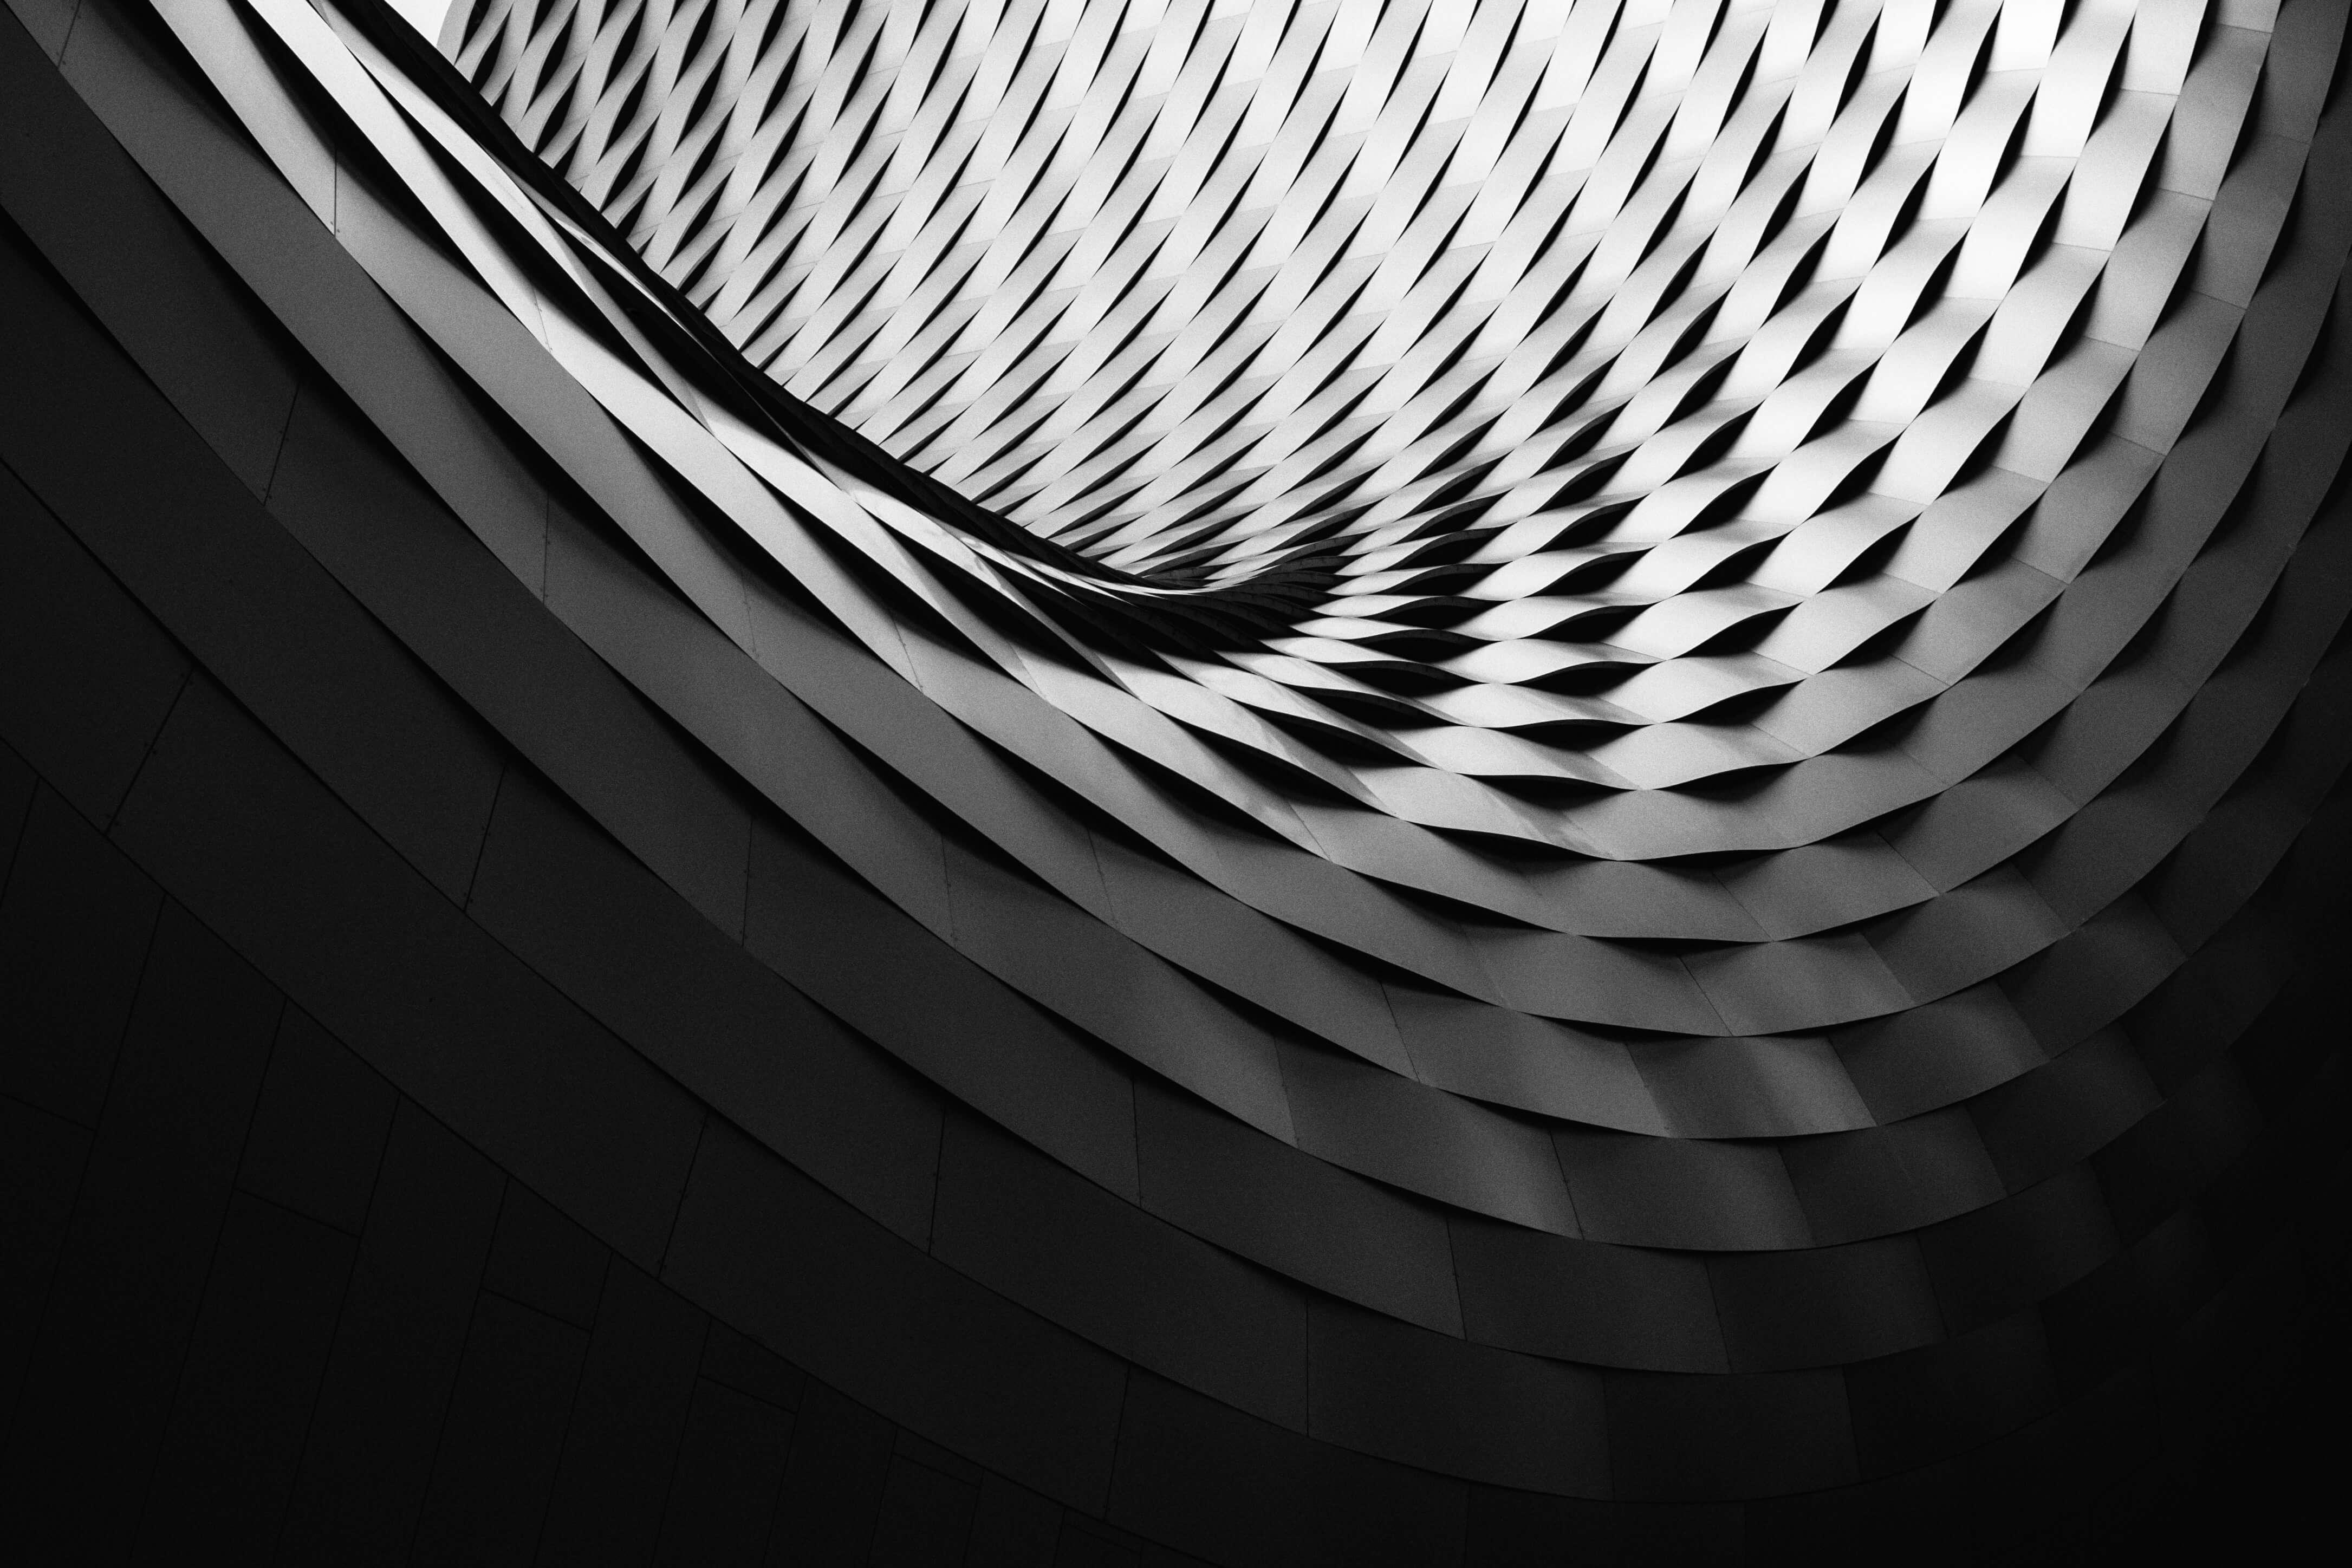 Internet y reputación: relación entre realidad, expresión y percepción